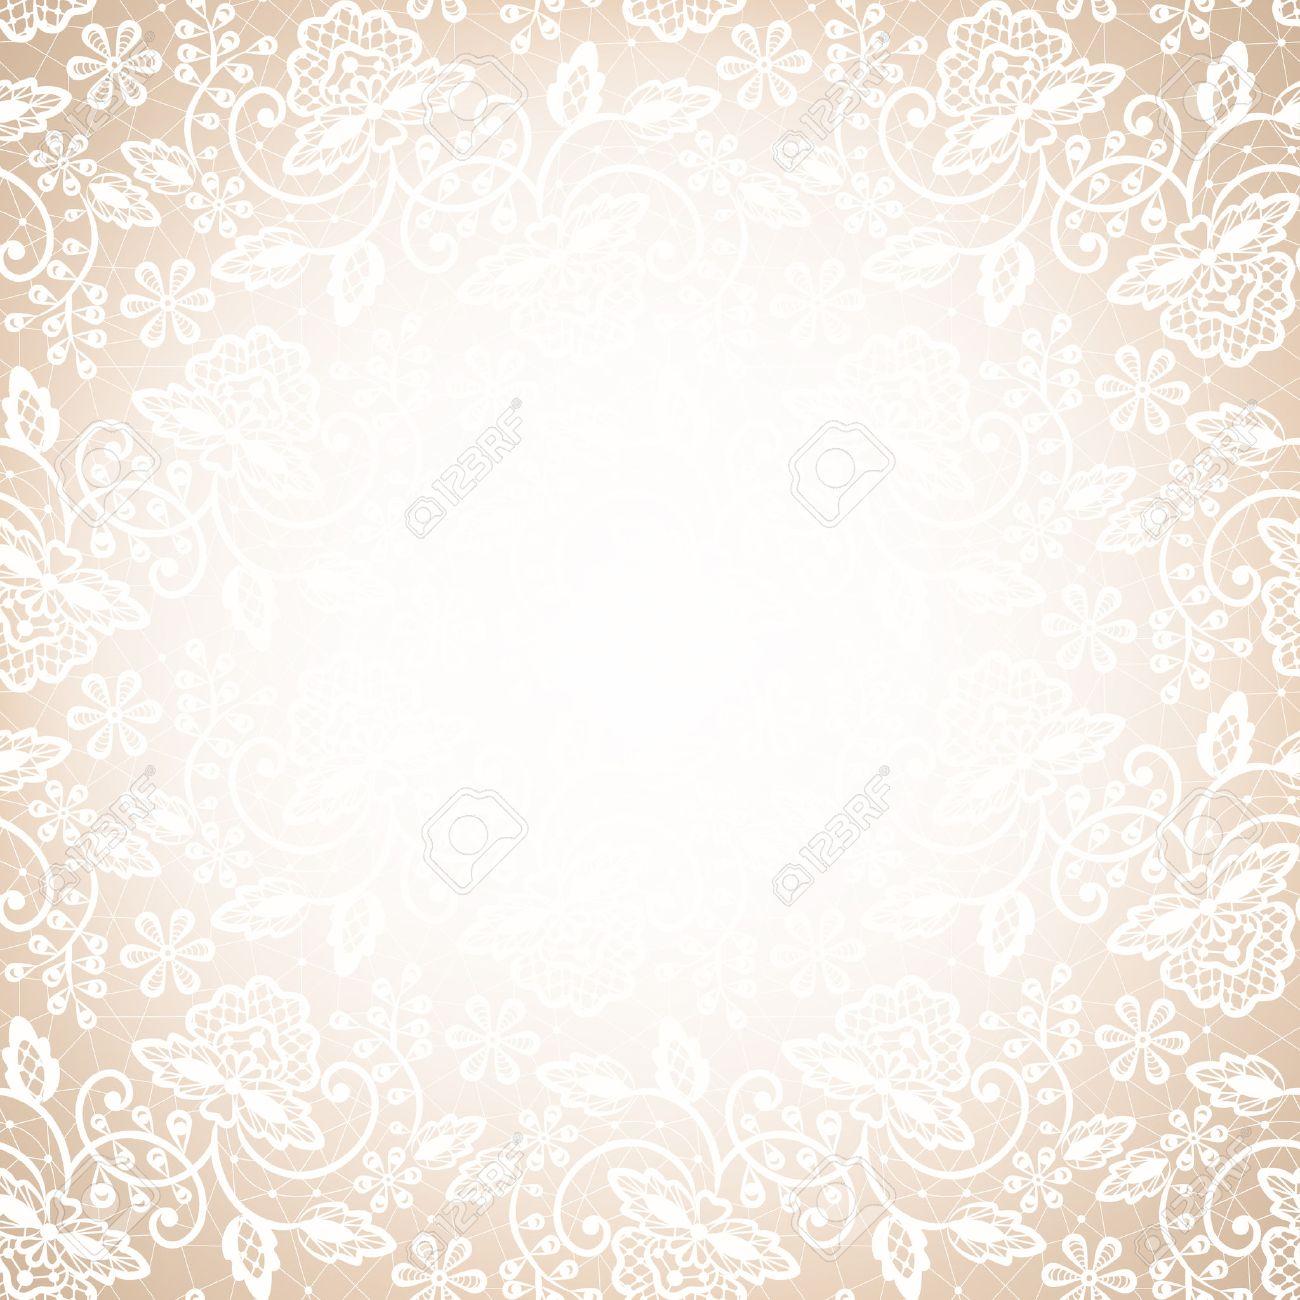 Vorlage Für Hochzeit, Einladung Oder Grußkarte Mit Weißen Spitzen Rahmen  Auf Beige Hintergrund Lizenzfreie